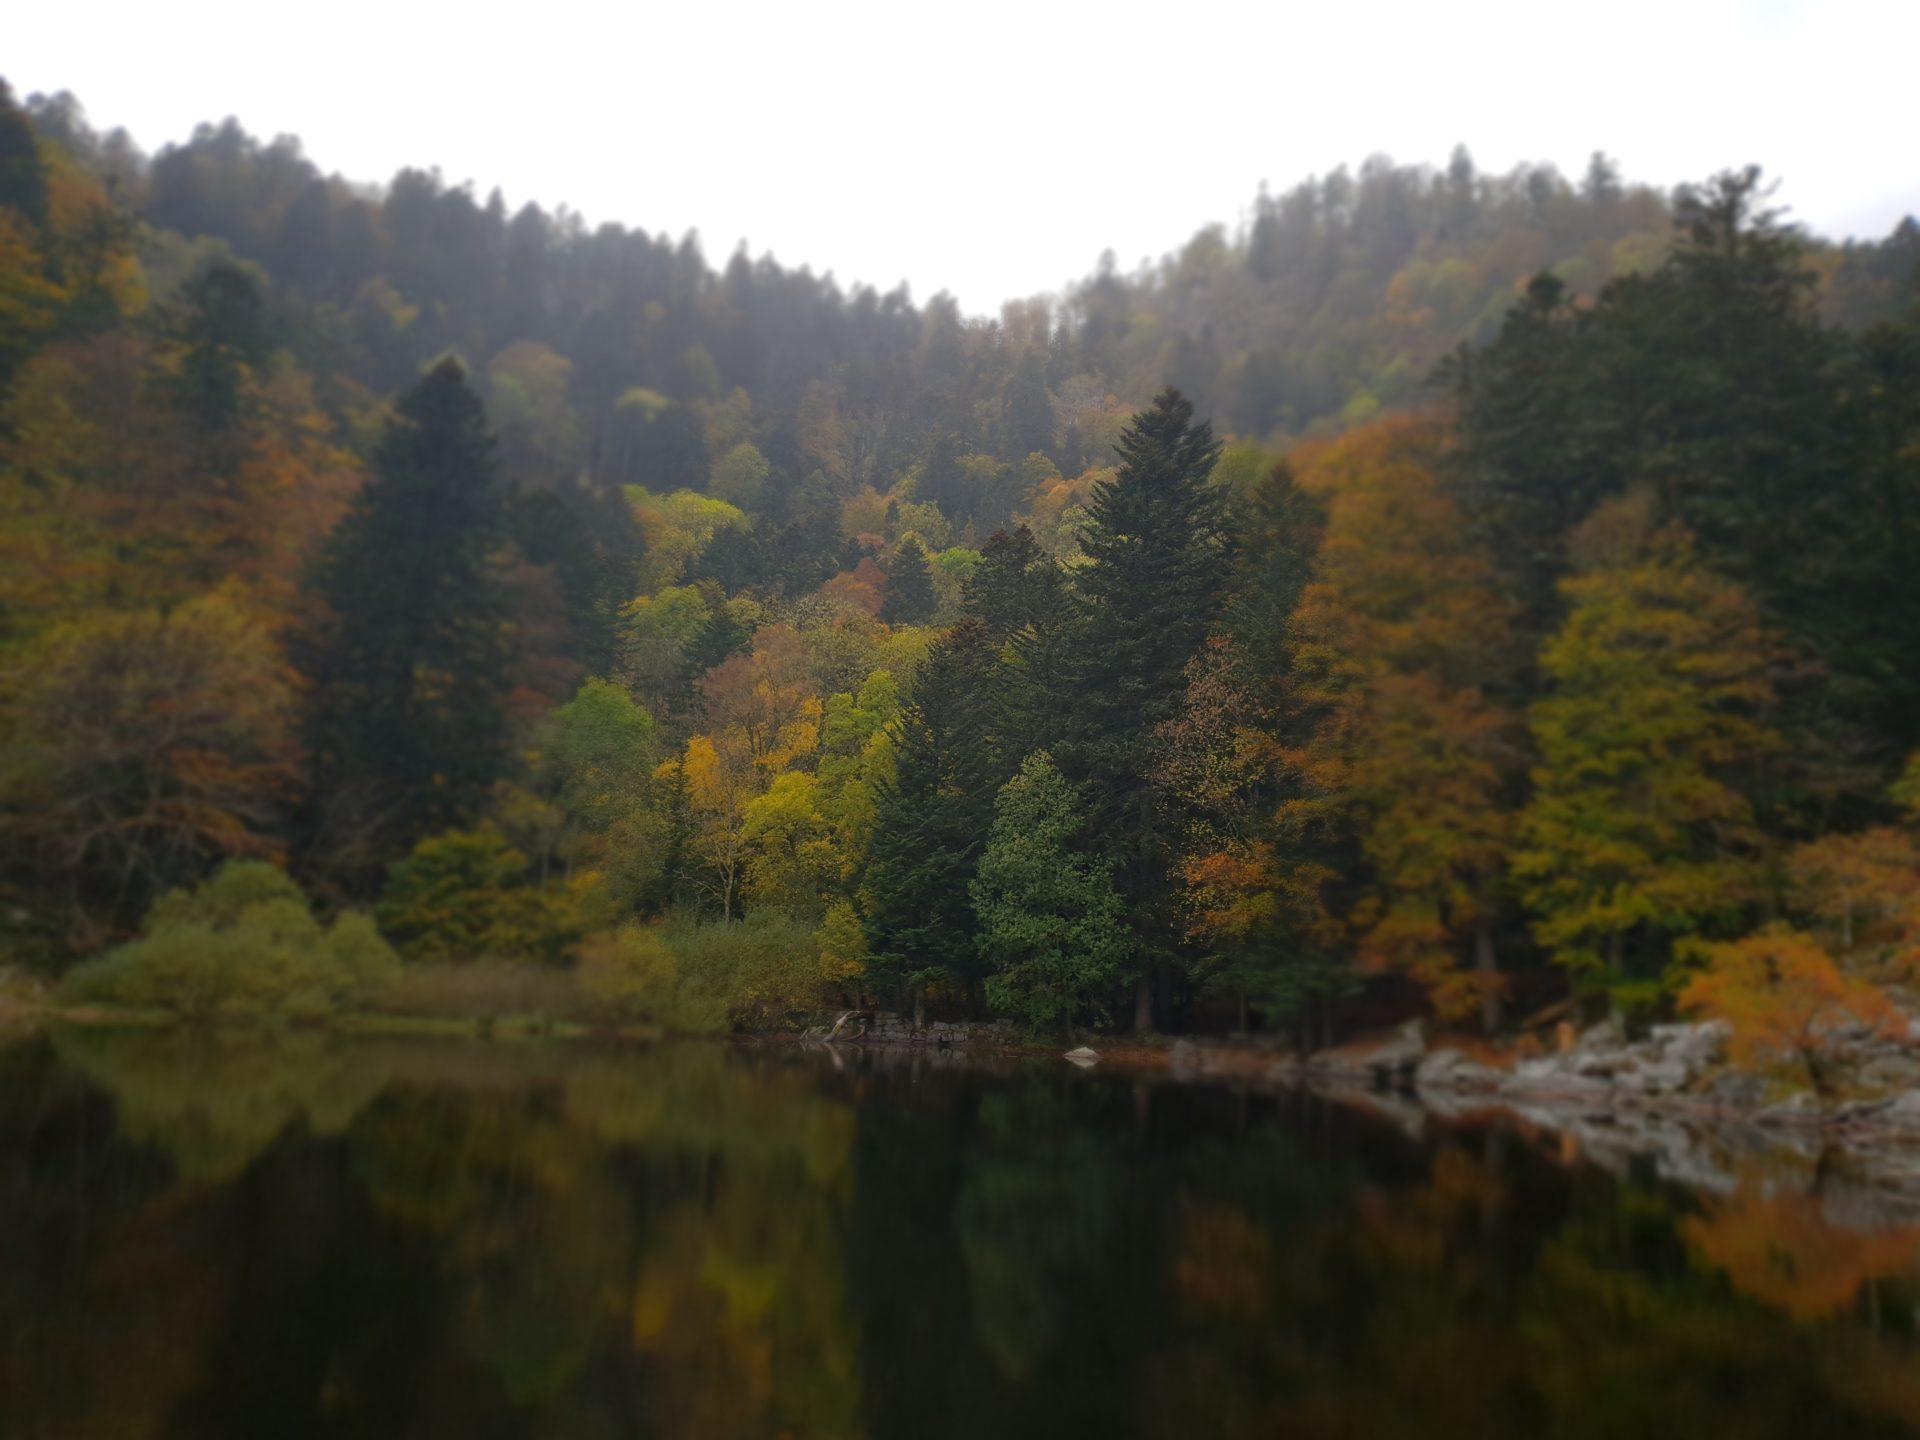 20181024 1410501 1920x1440 - Randonnée - Séjour Hôtel Deybach Munster et sa Vallée  par les couleurs d'automne